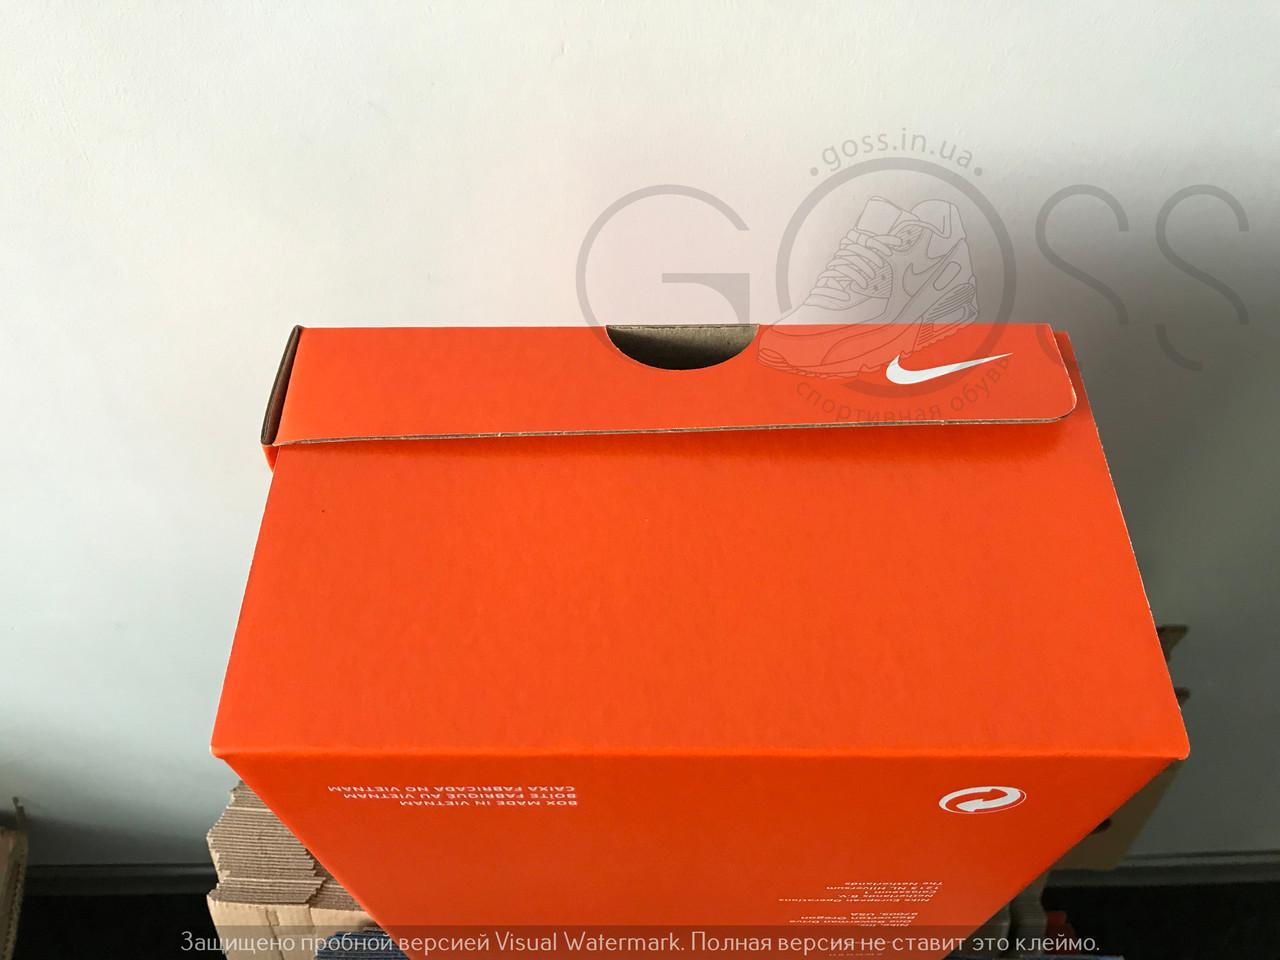 8c7c1816c2aa Коробки Nike оранжевого цвета 320х205х112 мм купить в Киеве   Im ...